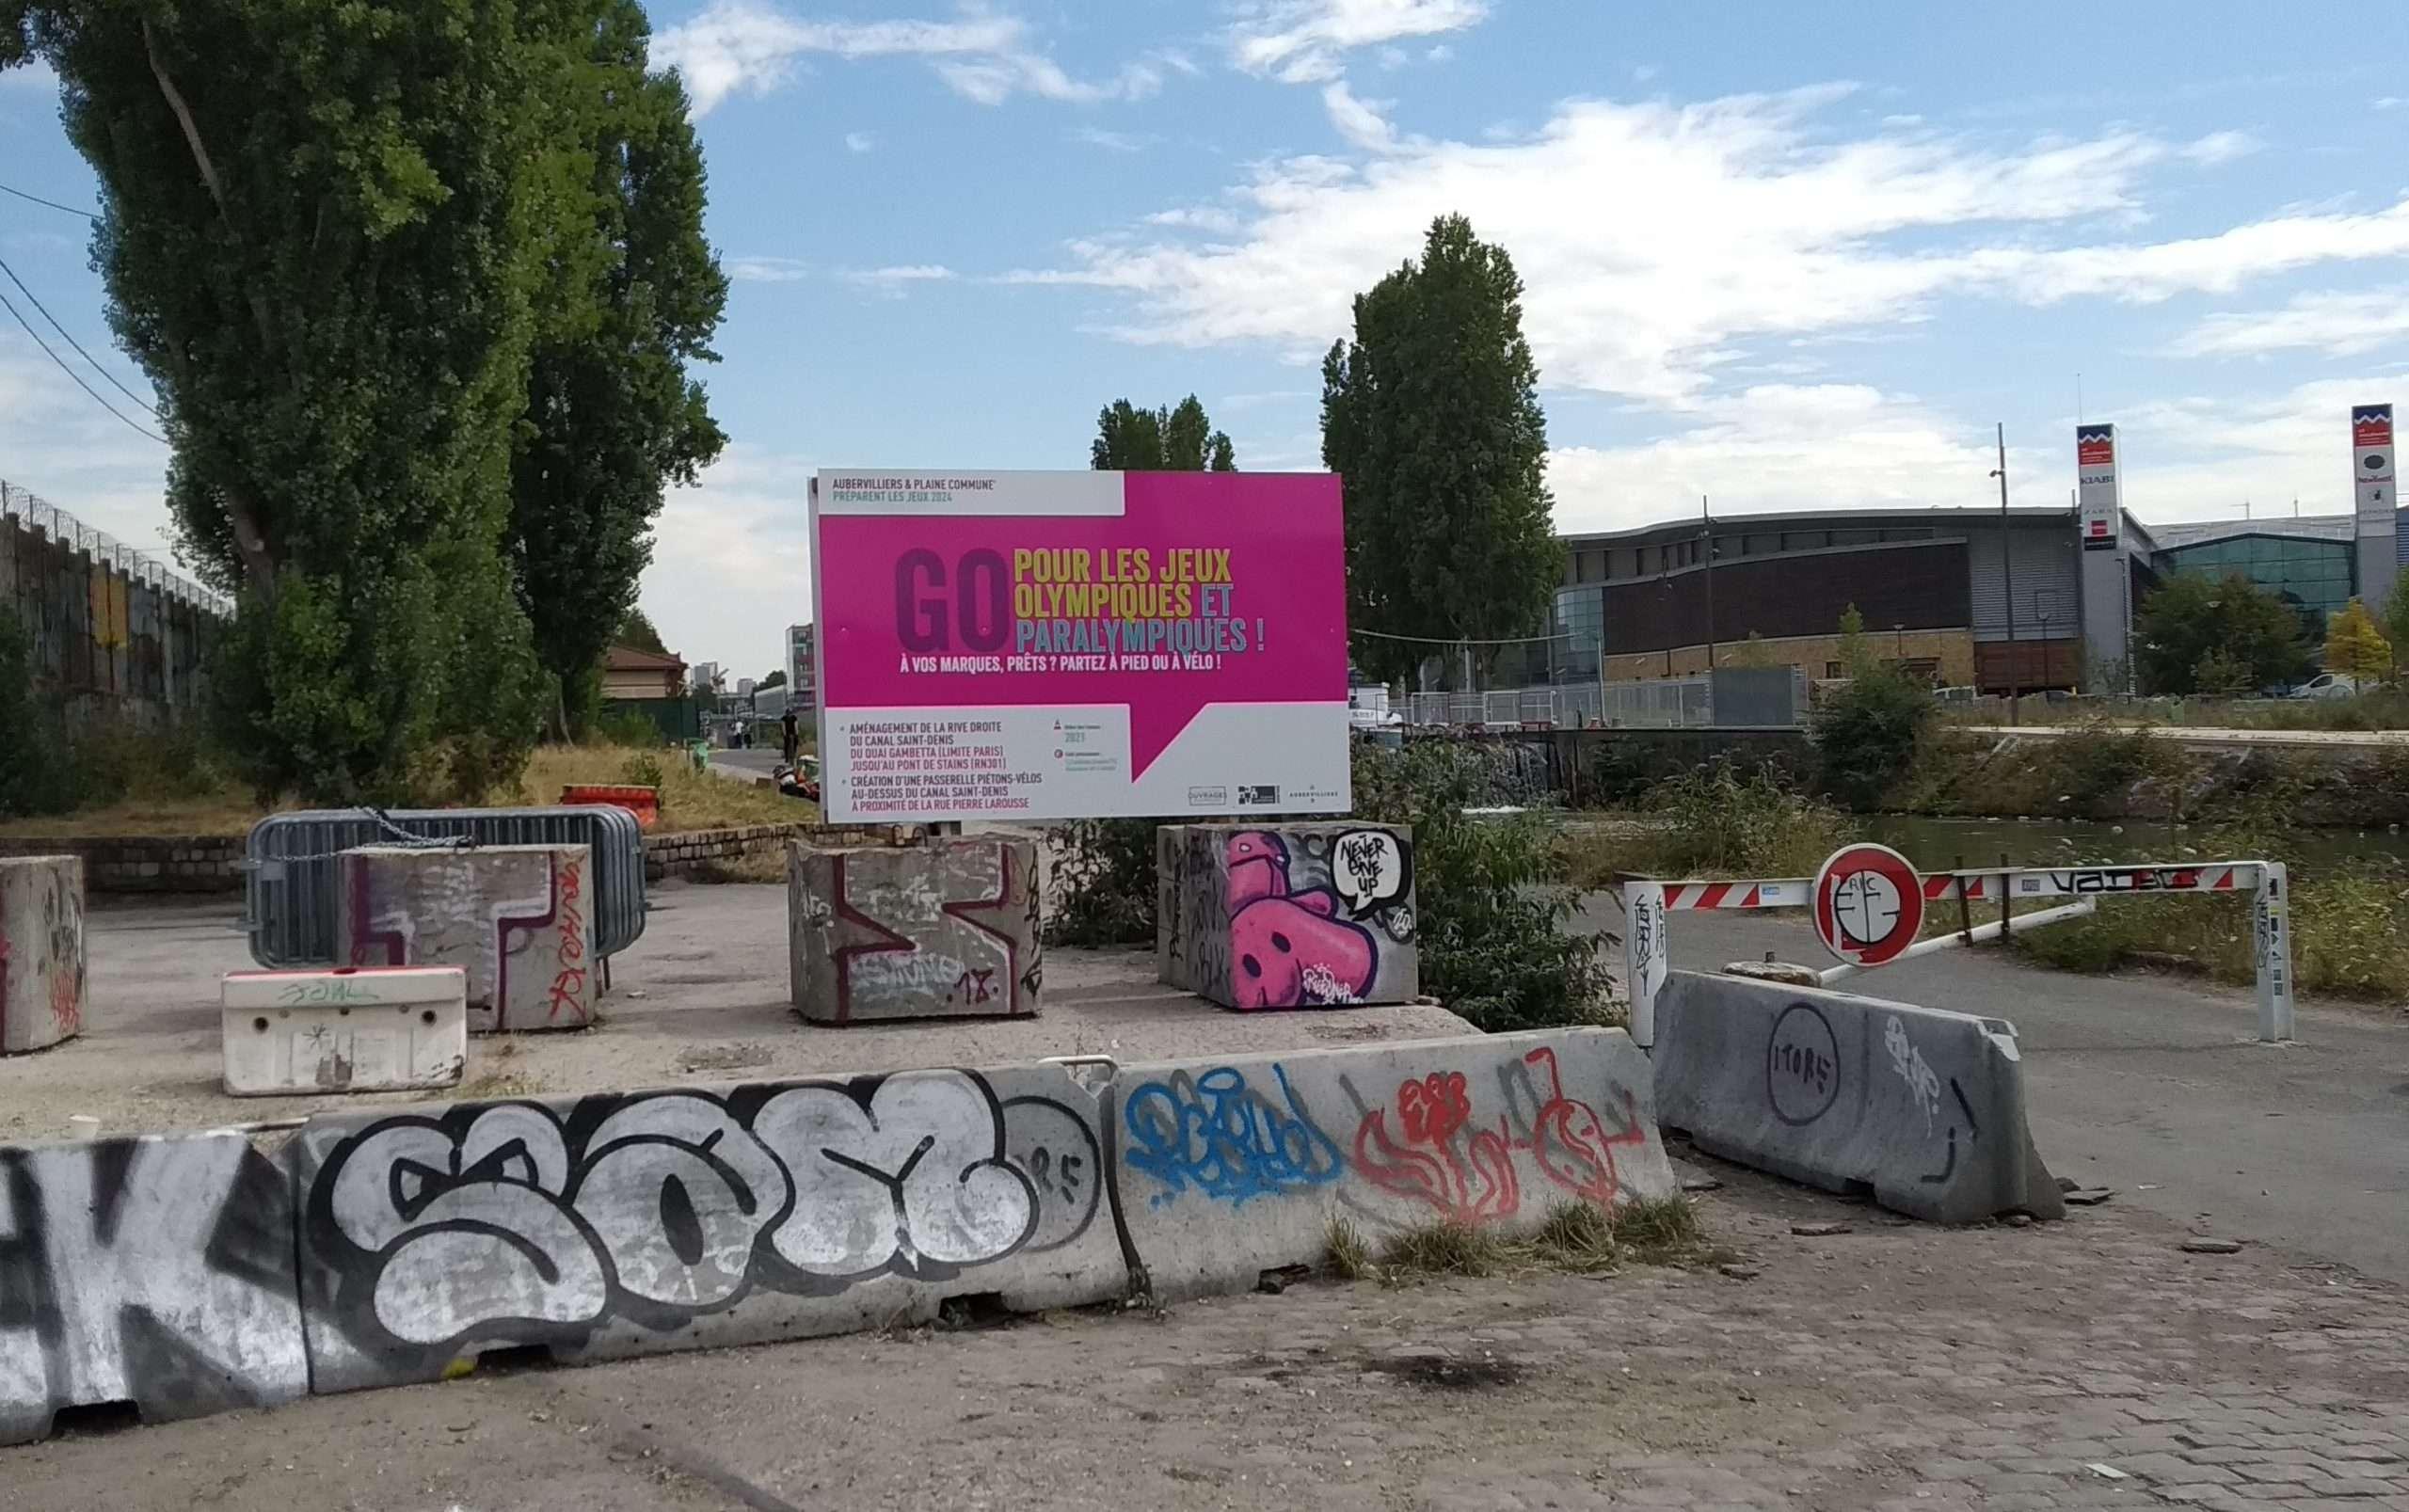 À quelques mètres du camp ,un panneau annonce les travaux prévus pour l'organisation des jeux olympiques 2024 à Saint-Denis. Photographie : Léonardo Carota pour Utopia 56.